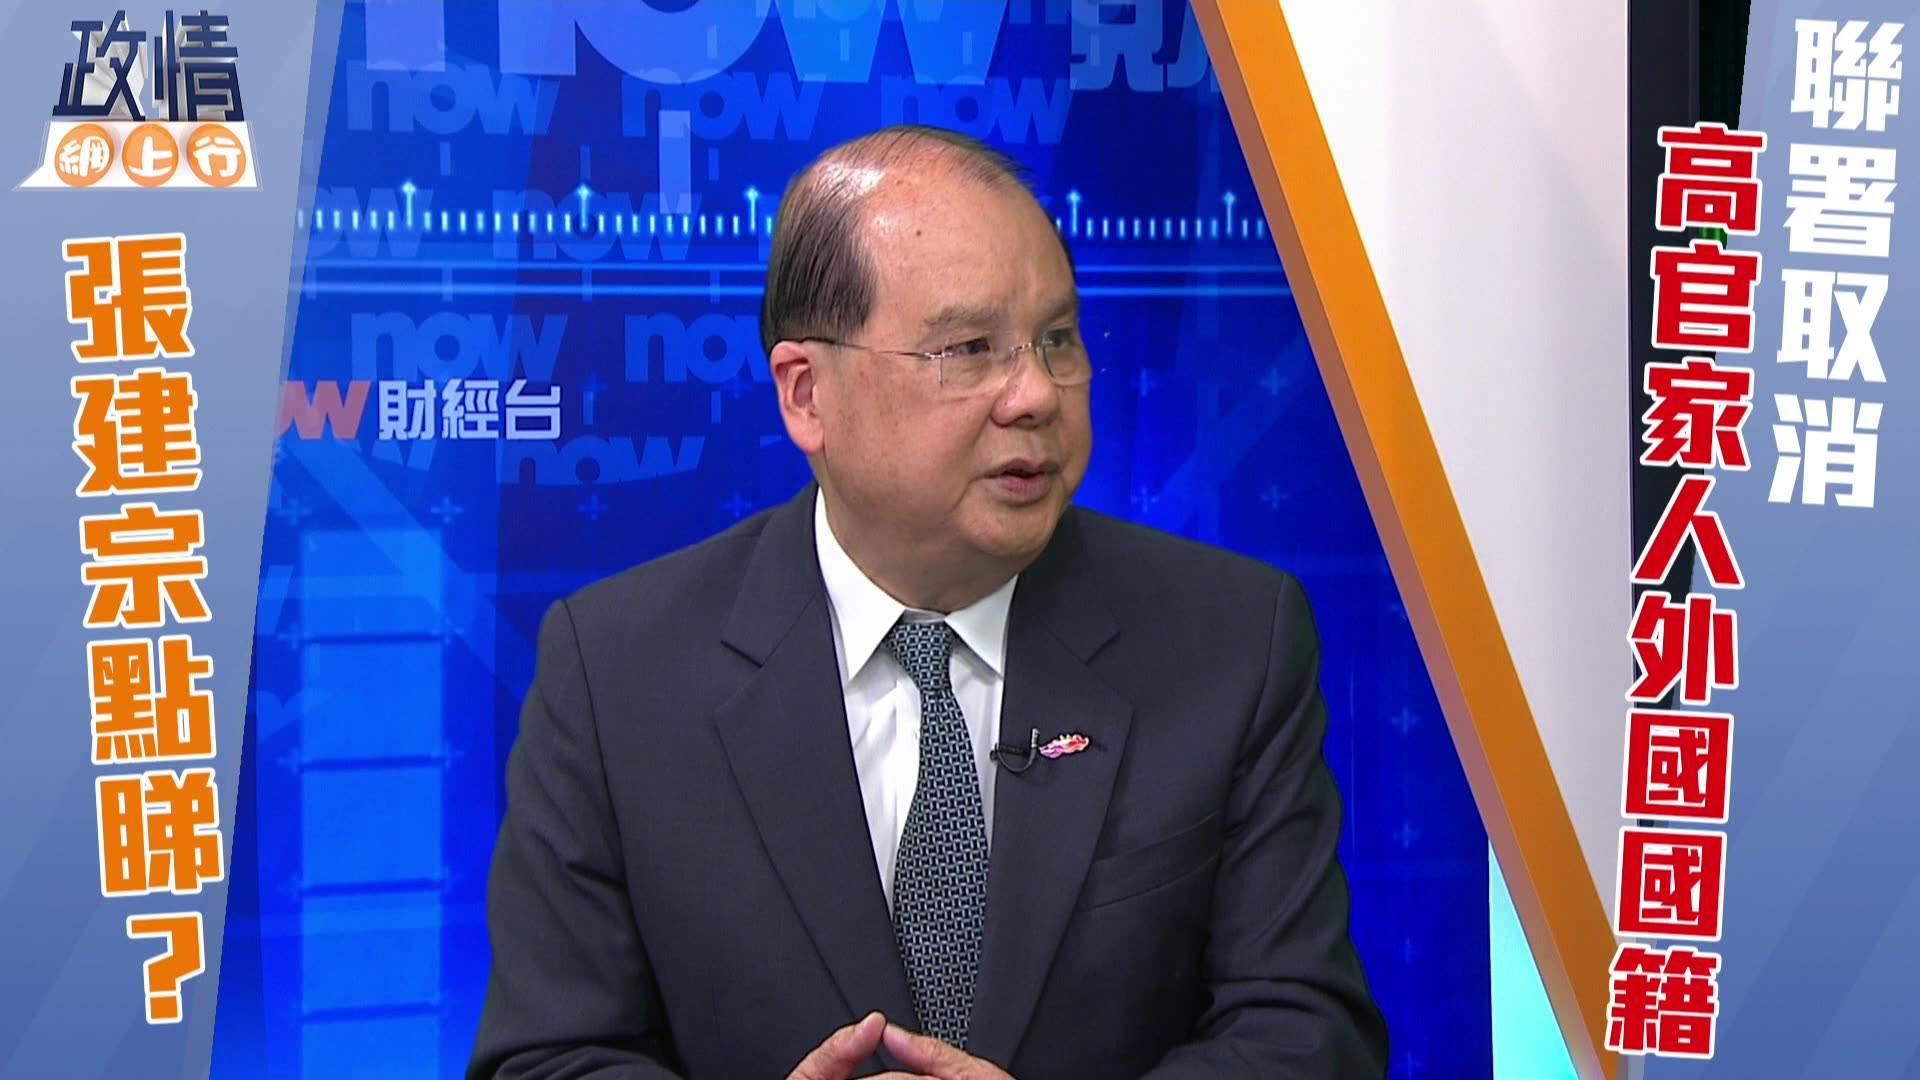 【政情網上行】聯署取消高官家人外國國籍 張建宗點睇?